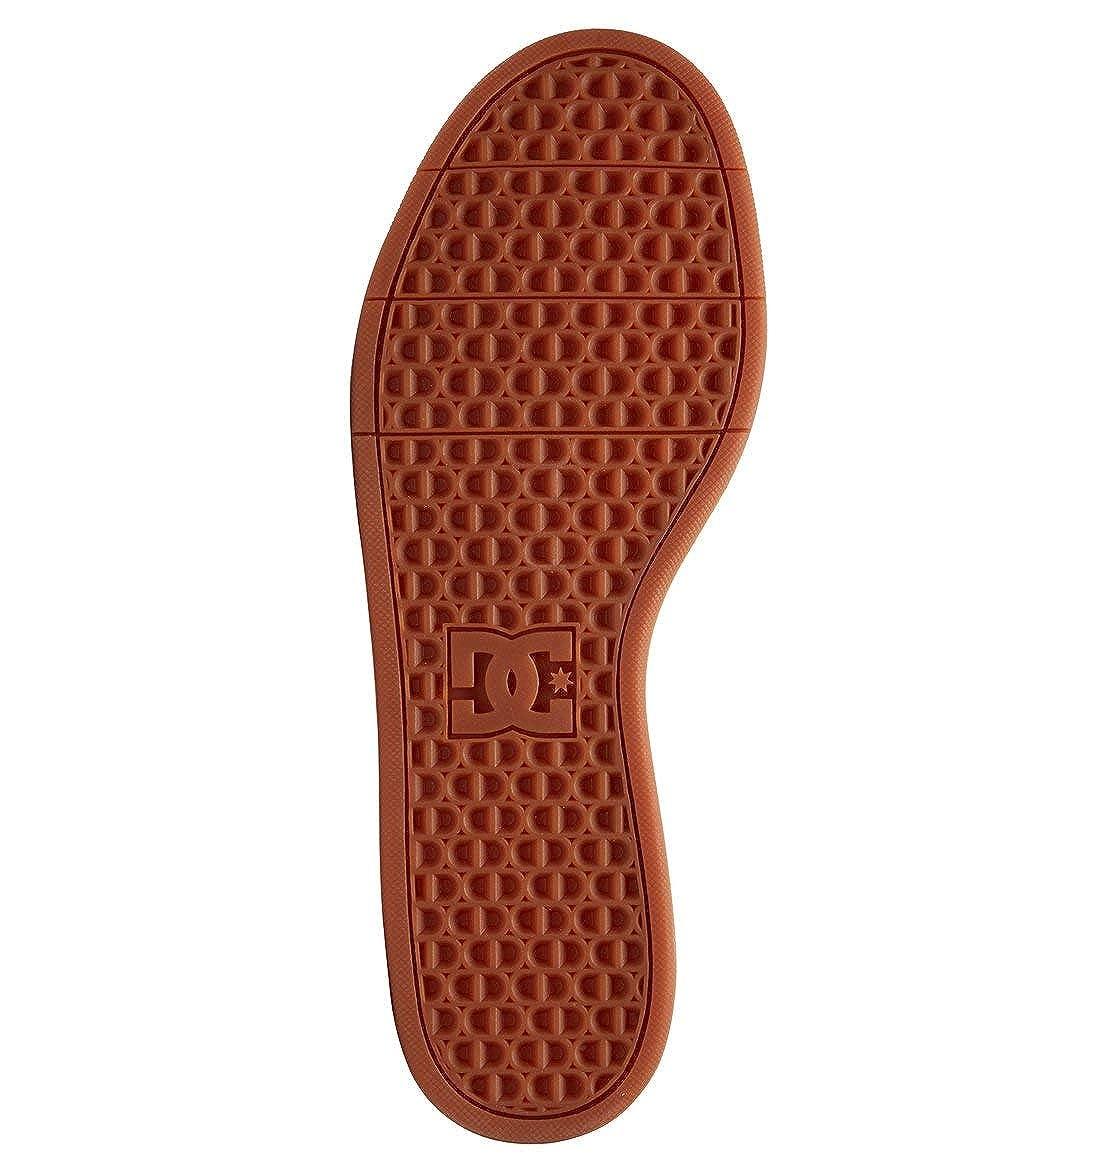 DC CRISIS CRISIS CRISIS Herren Skateboardschuhe B07MBPL765 Turnschuhe Charakteristisch 7ed7e2